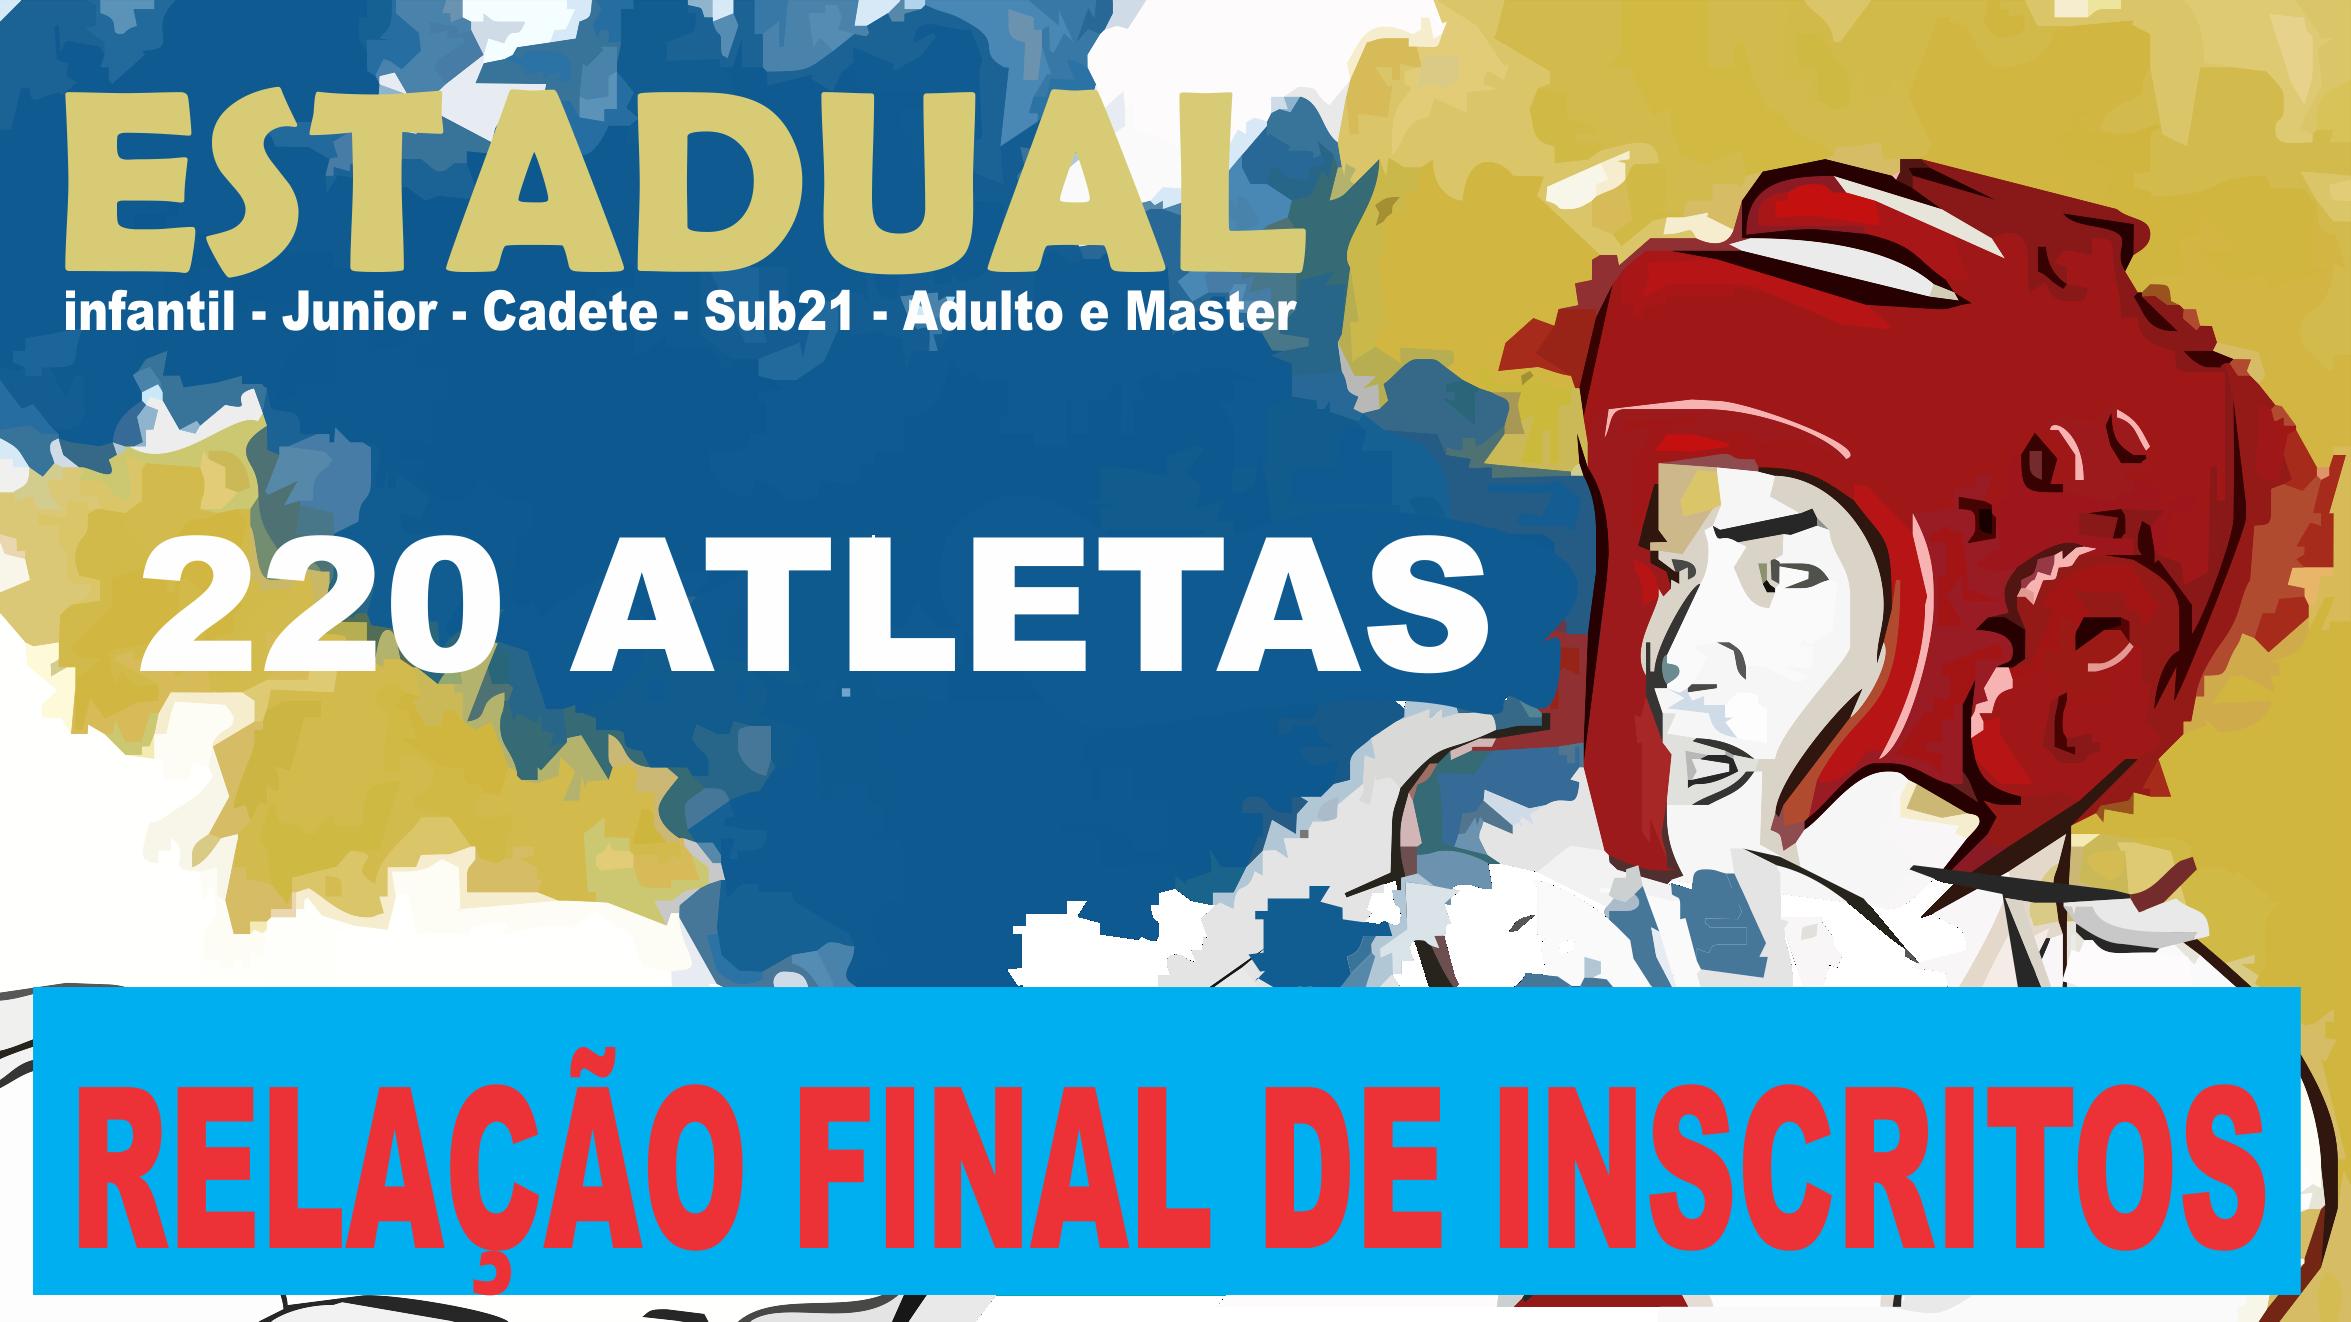 RELAÇÃO FINAL DE INSCRITOS PARA O ESTADUAL!